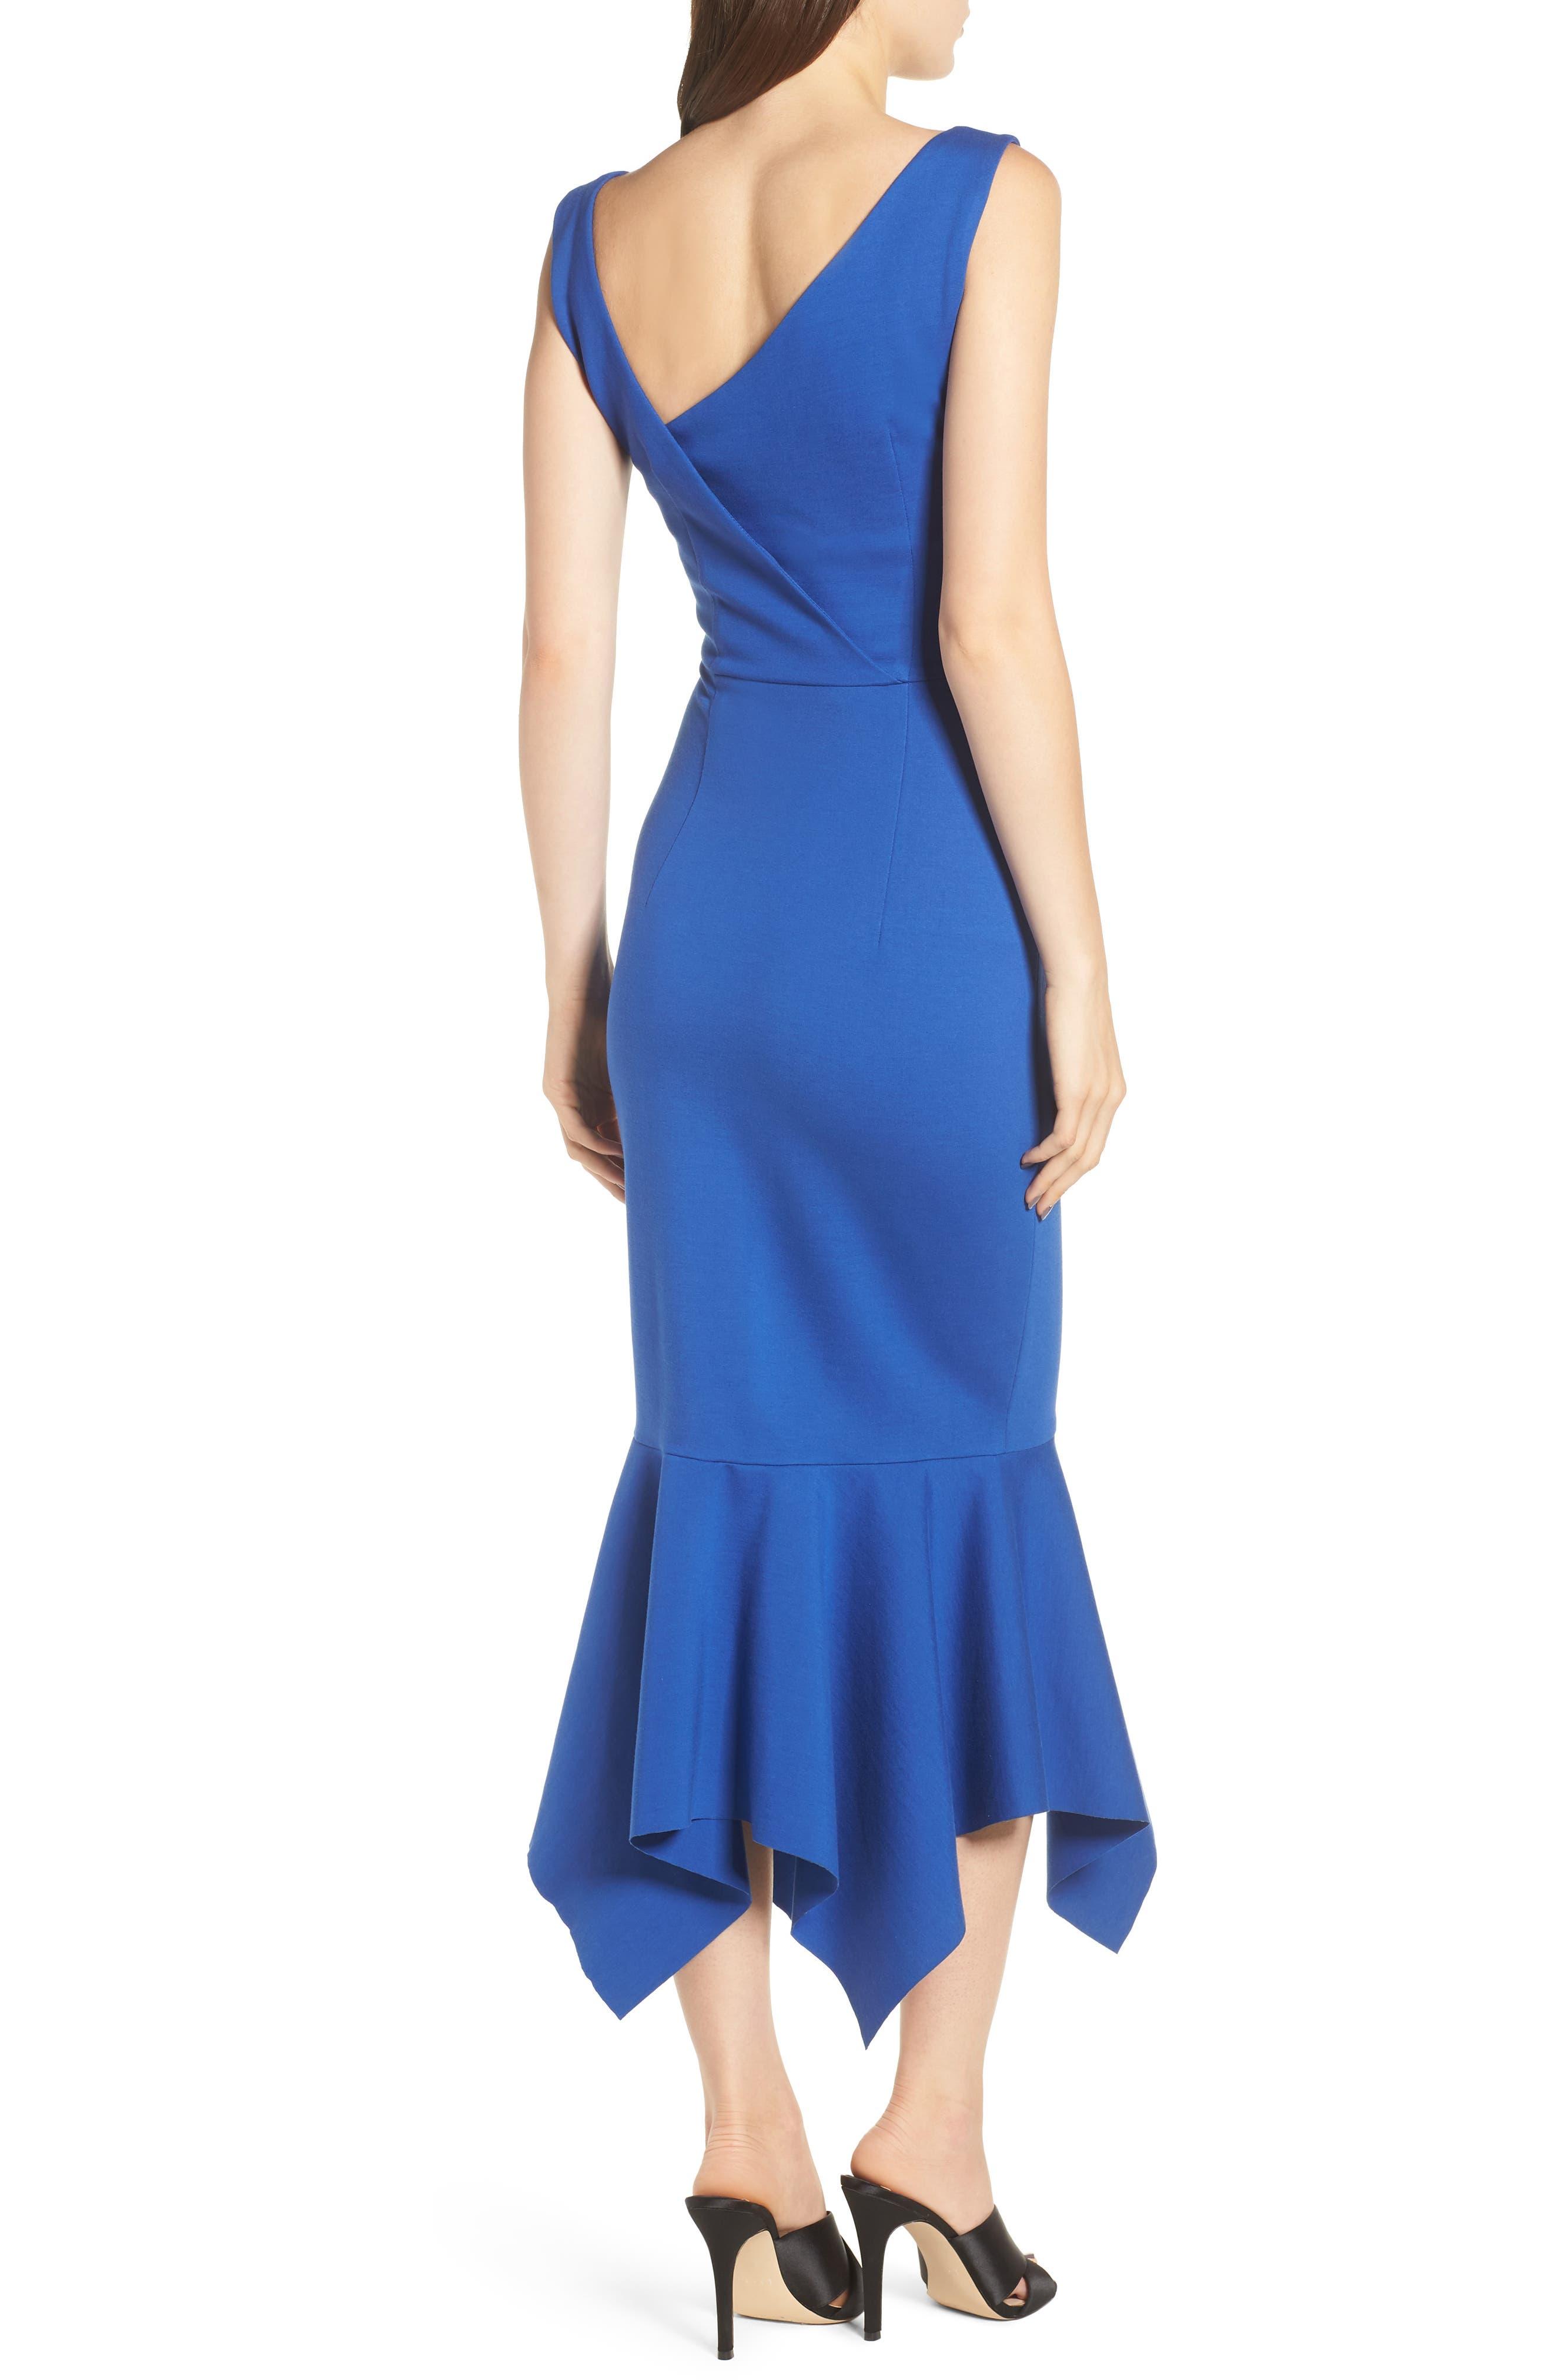 Viola Asymmetrical Dress,                             Alternate thumbnail 2, color,                             460